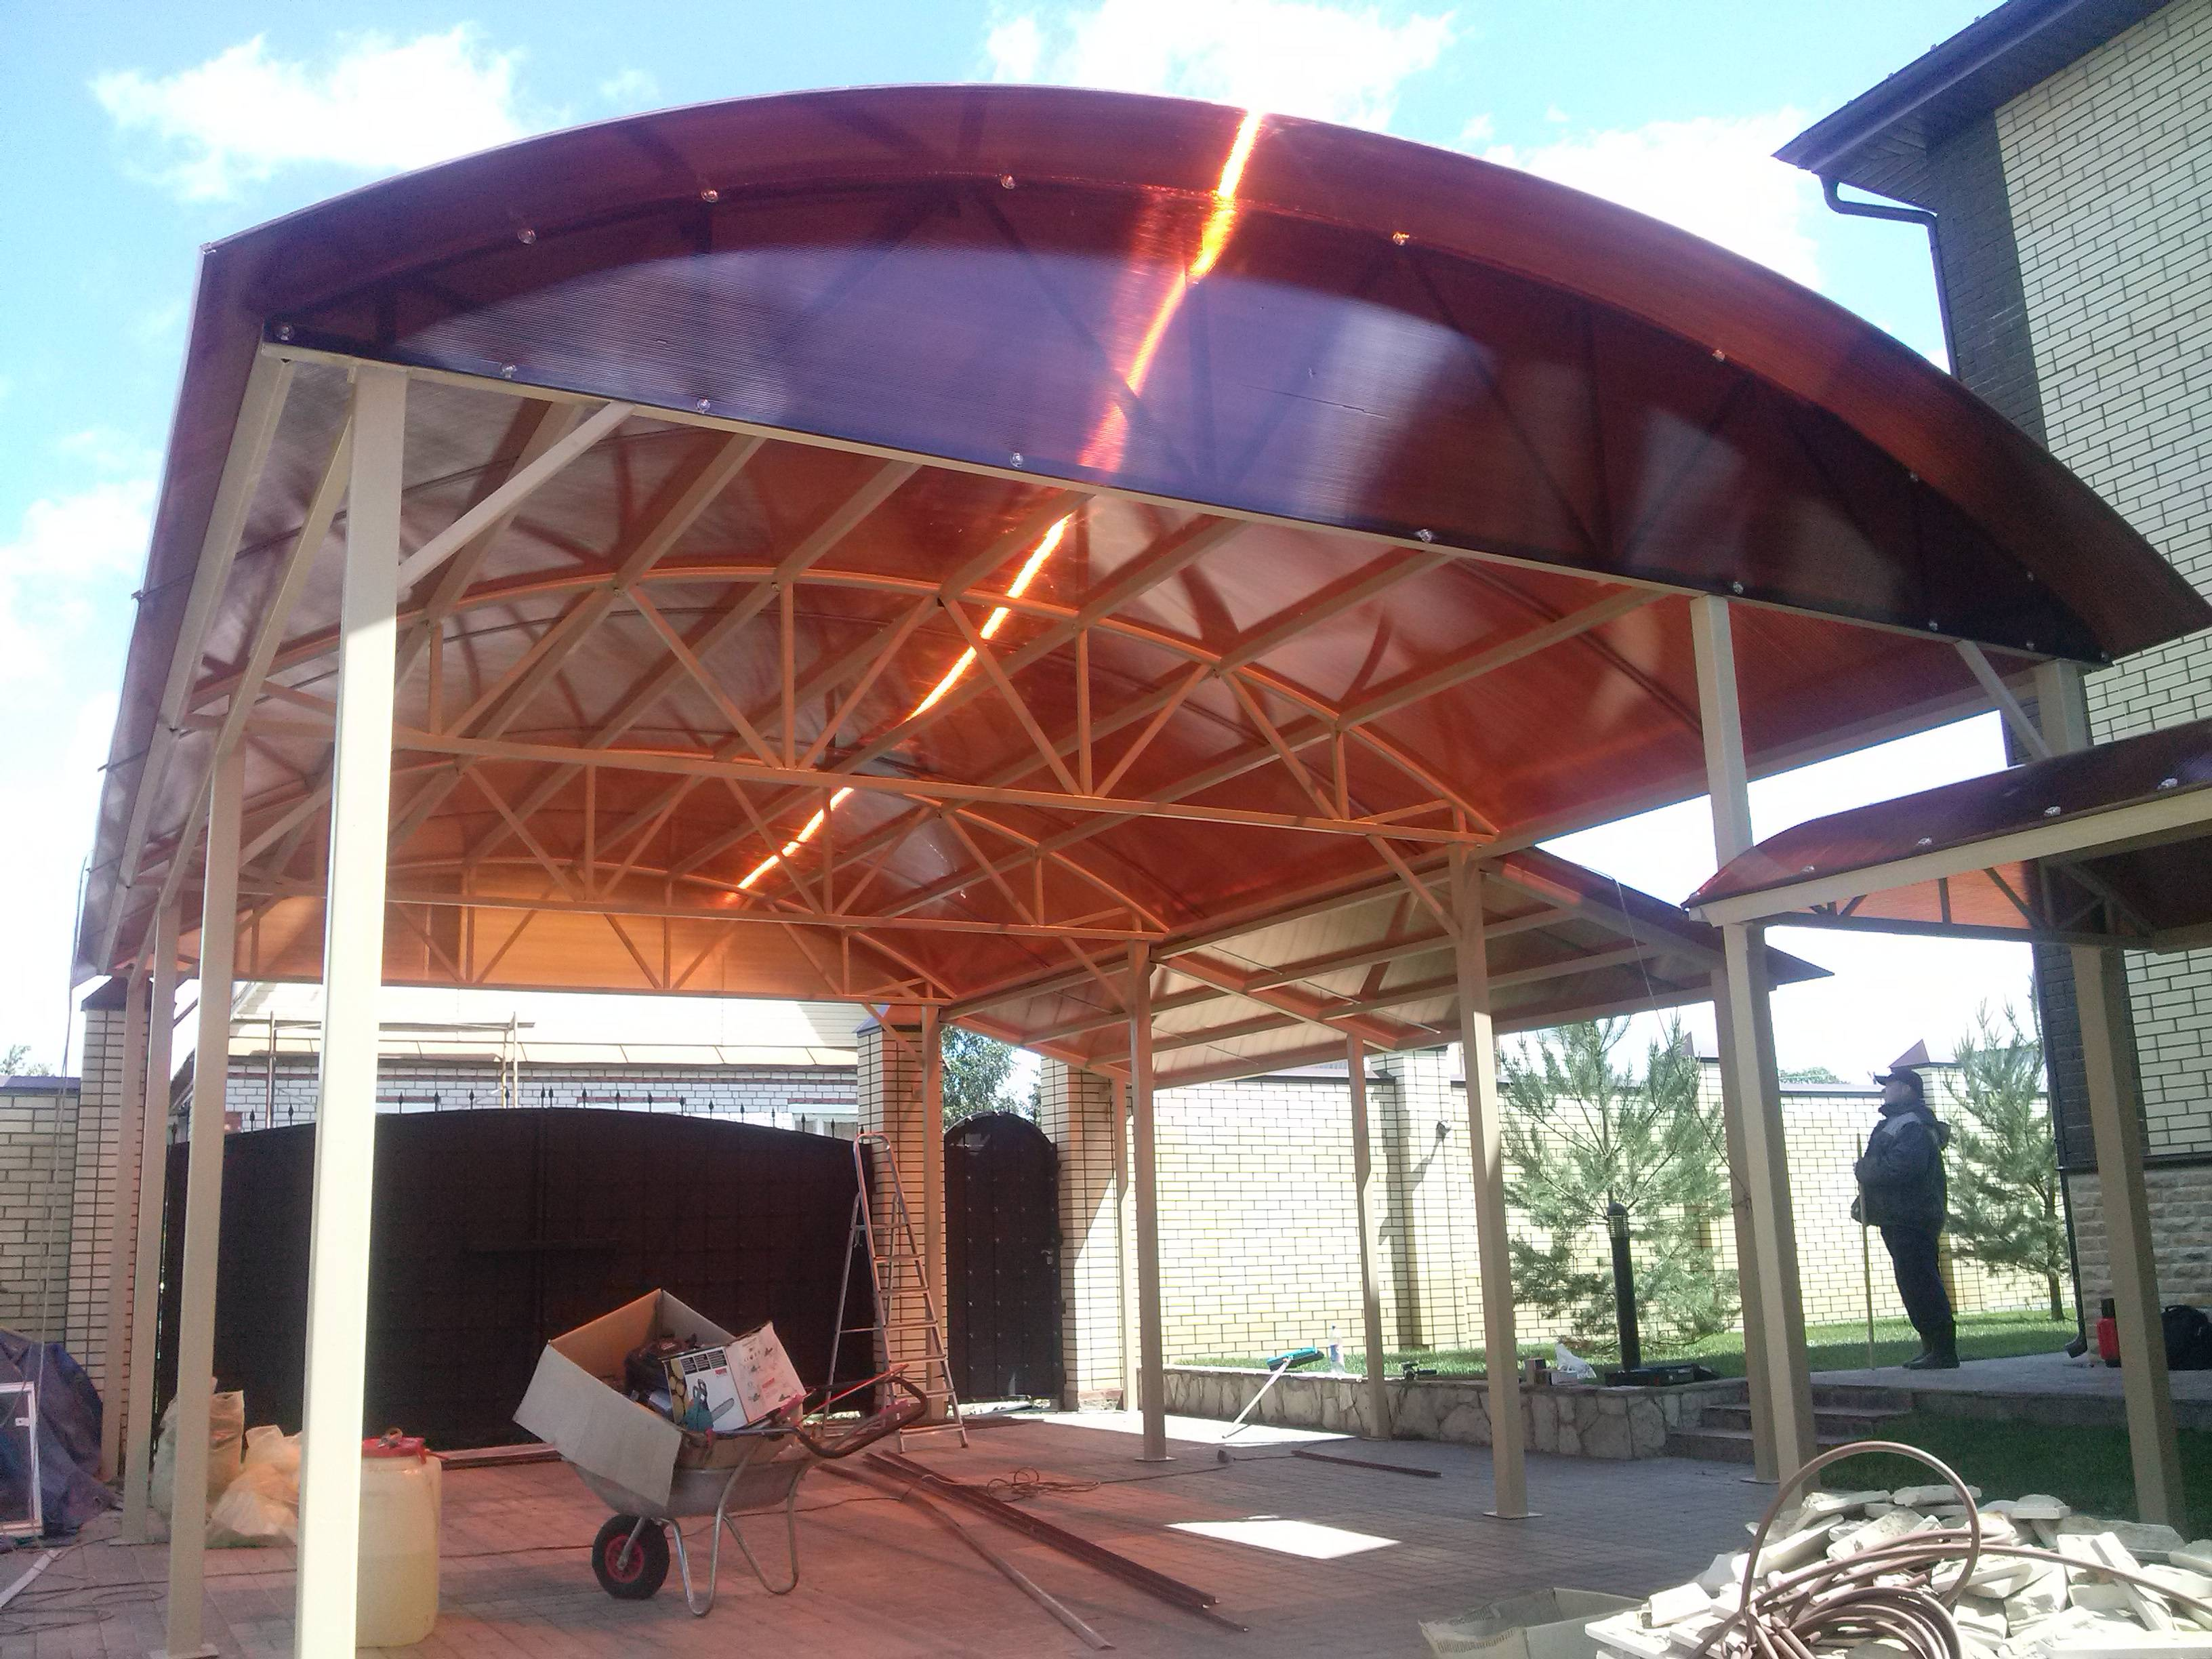 Беседка с односкатной крышей (64 фото): варианты из поликарбоната с плоской, двухскатной и четырехскатной кровлей, модели с вальмовой крышей